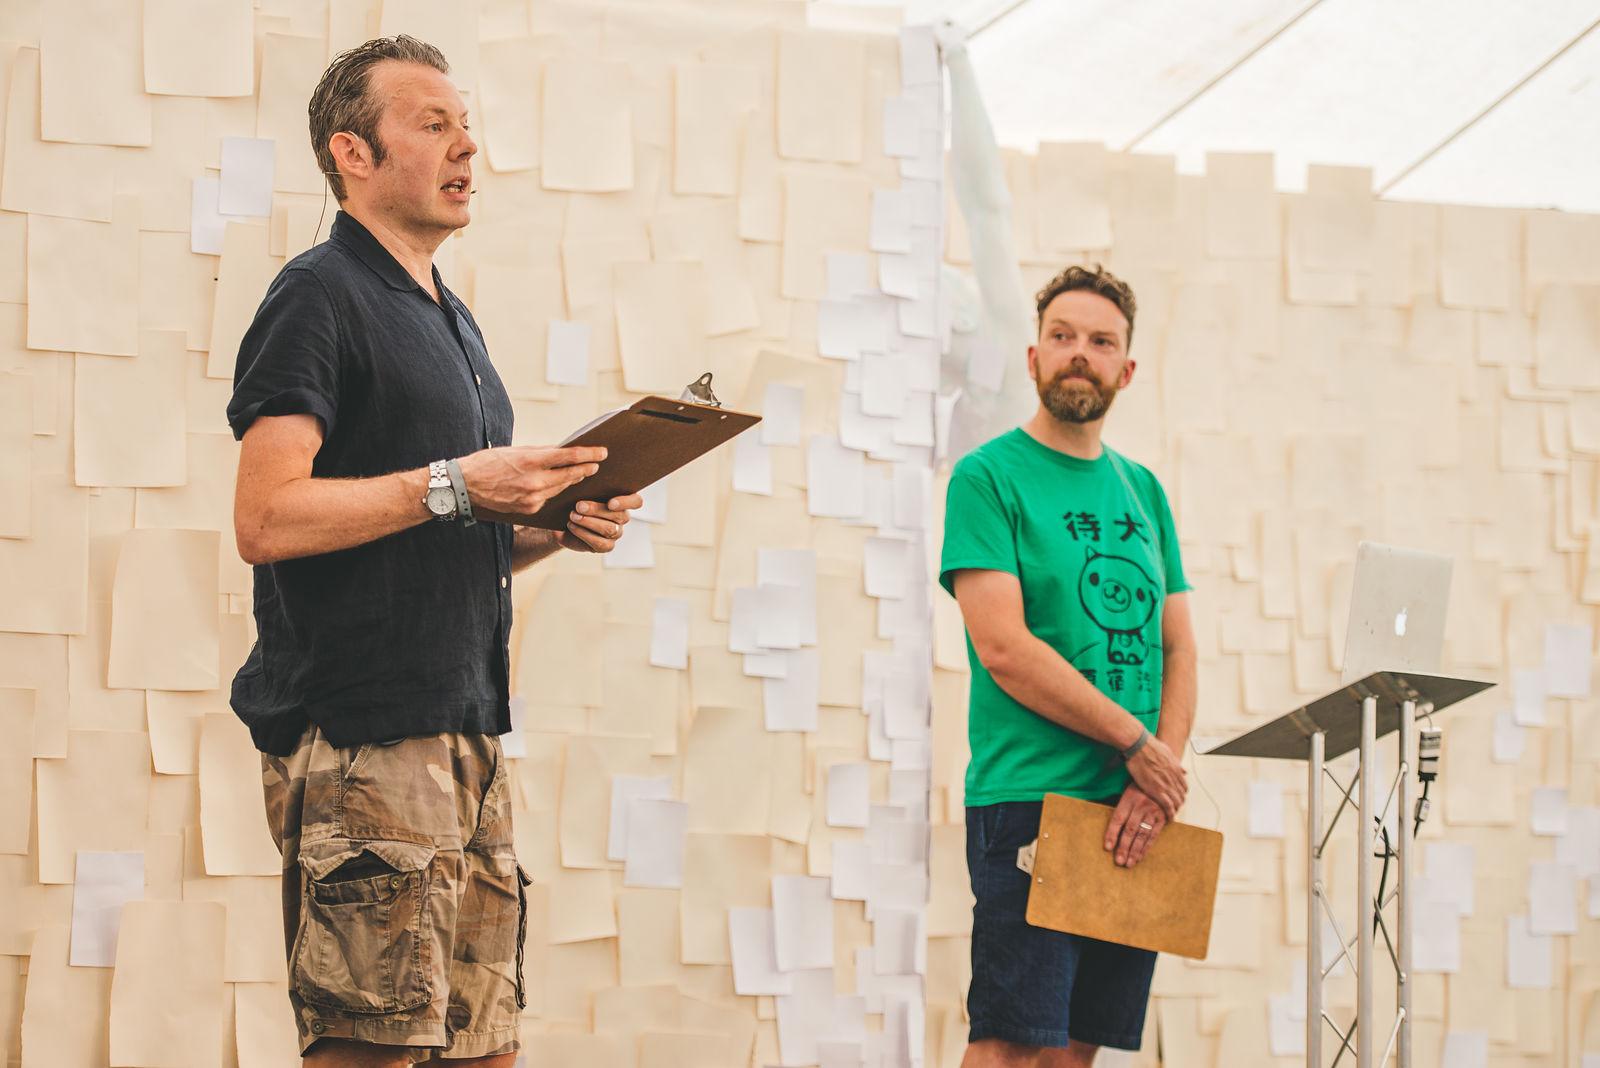 Jamie Keenan & Jon Gray